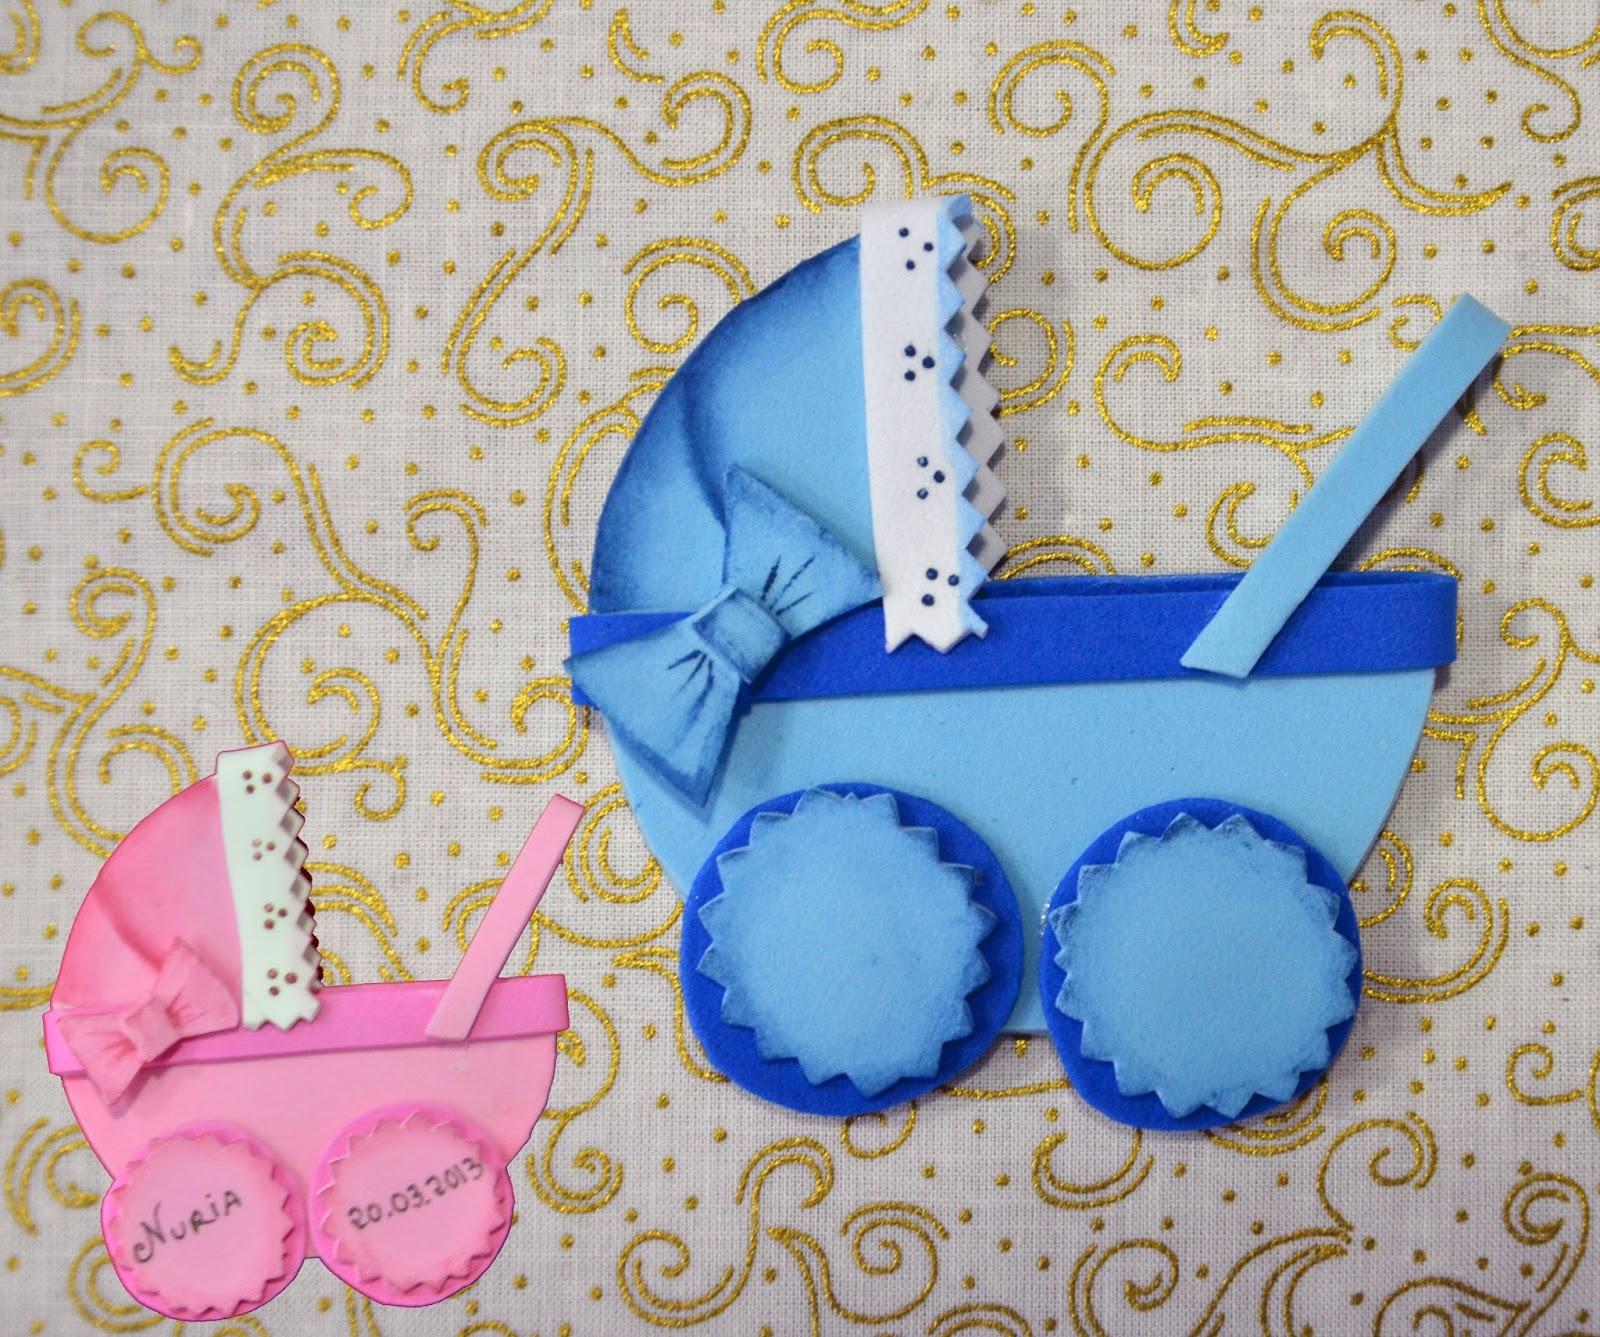 Plantillas de goma eva para bebes interesting carteles en - Plantillas goma eva ...